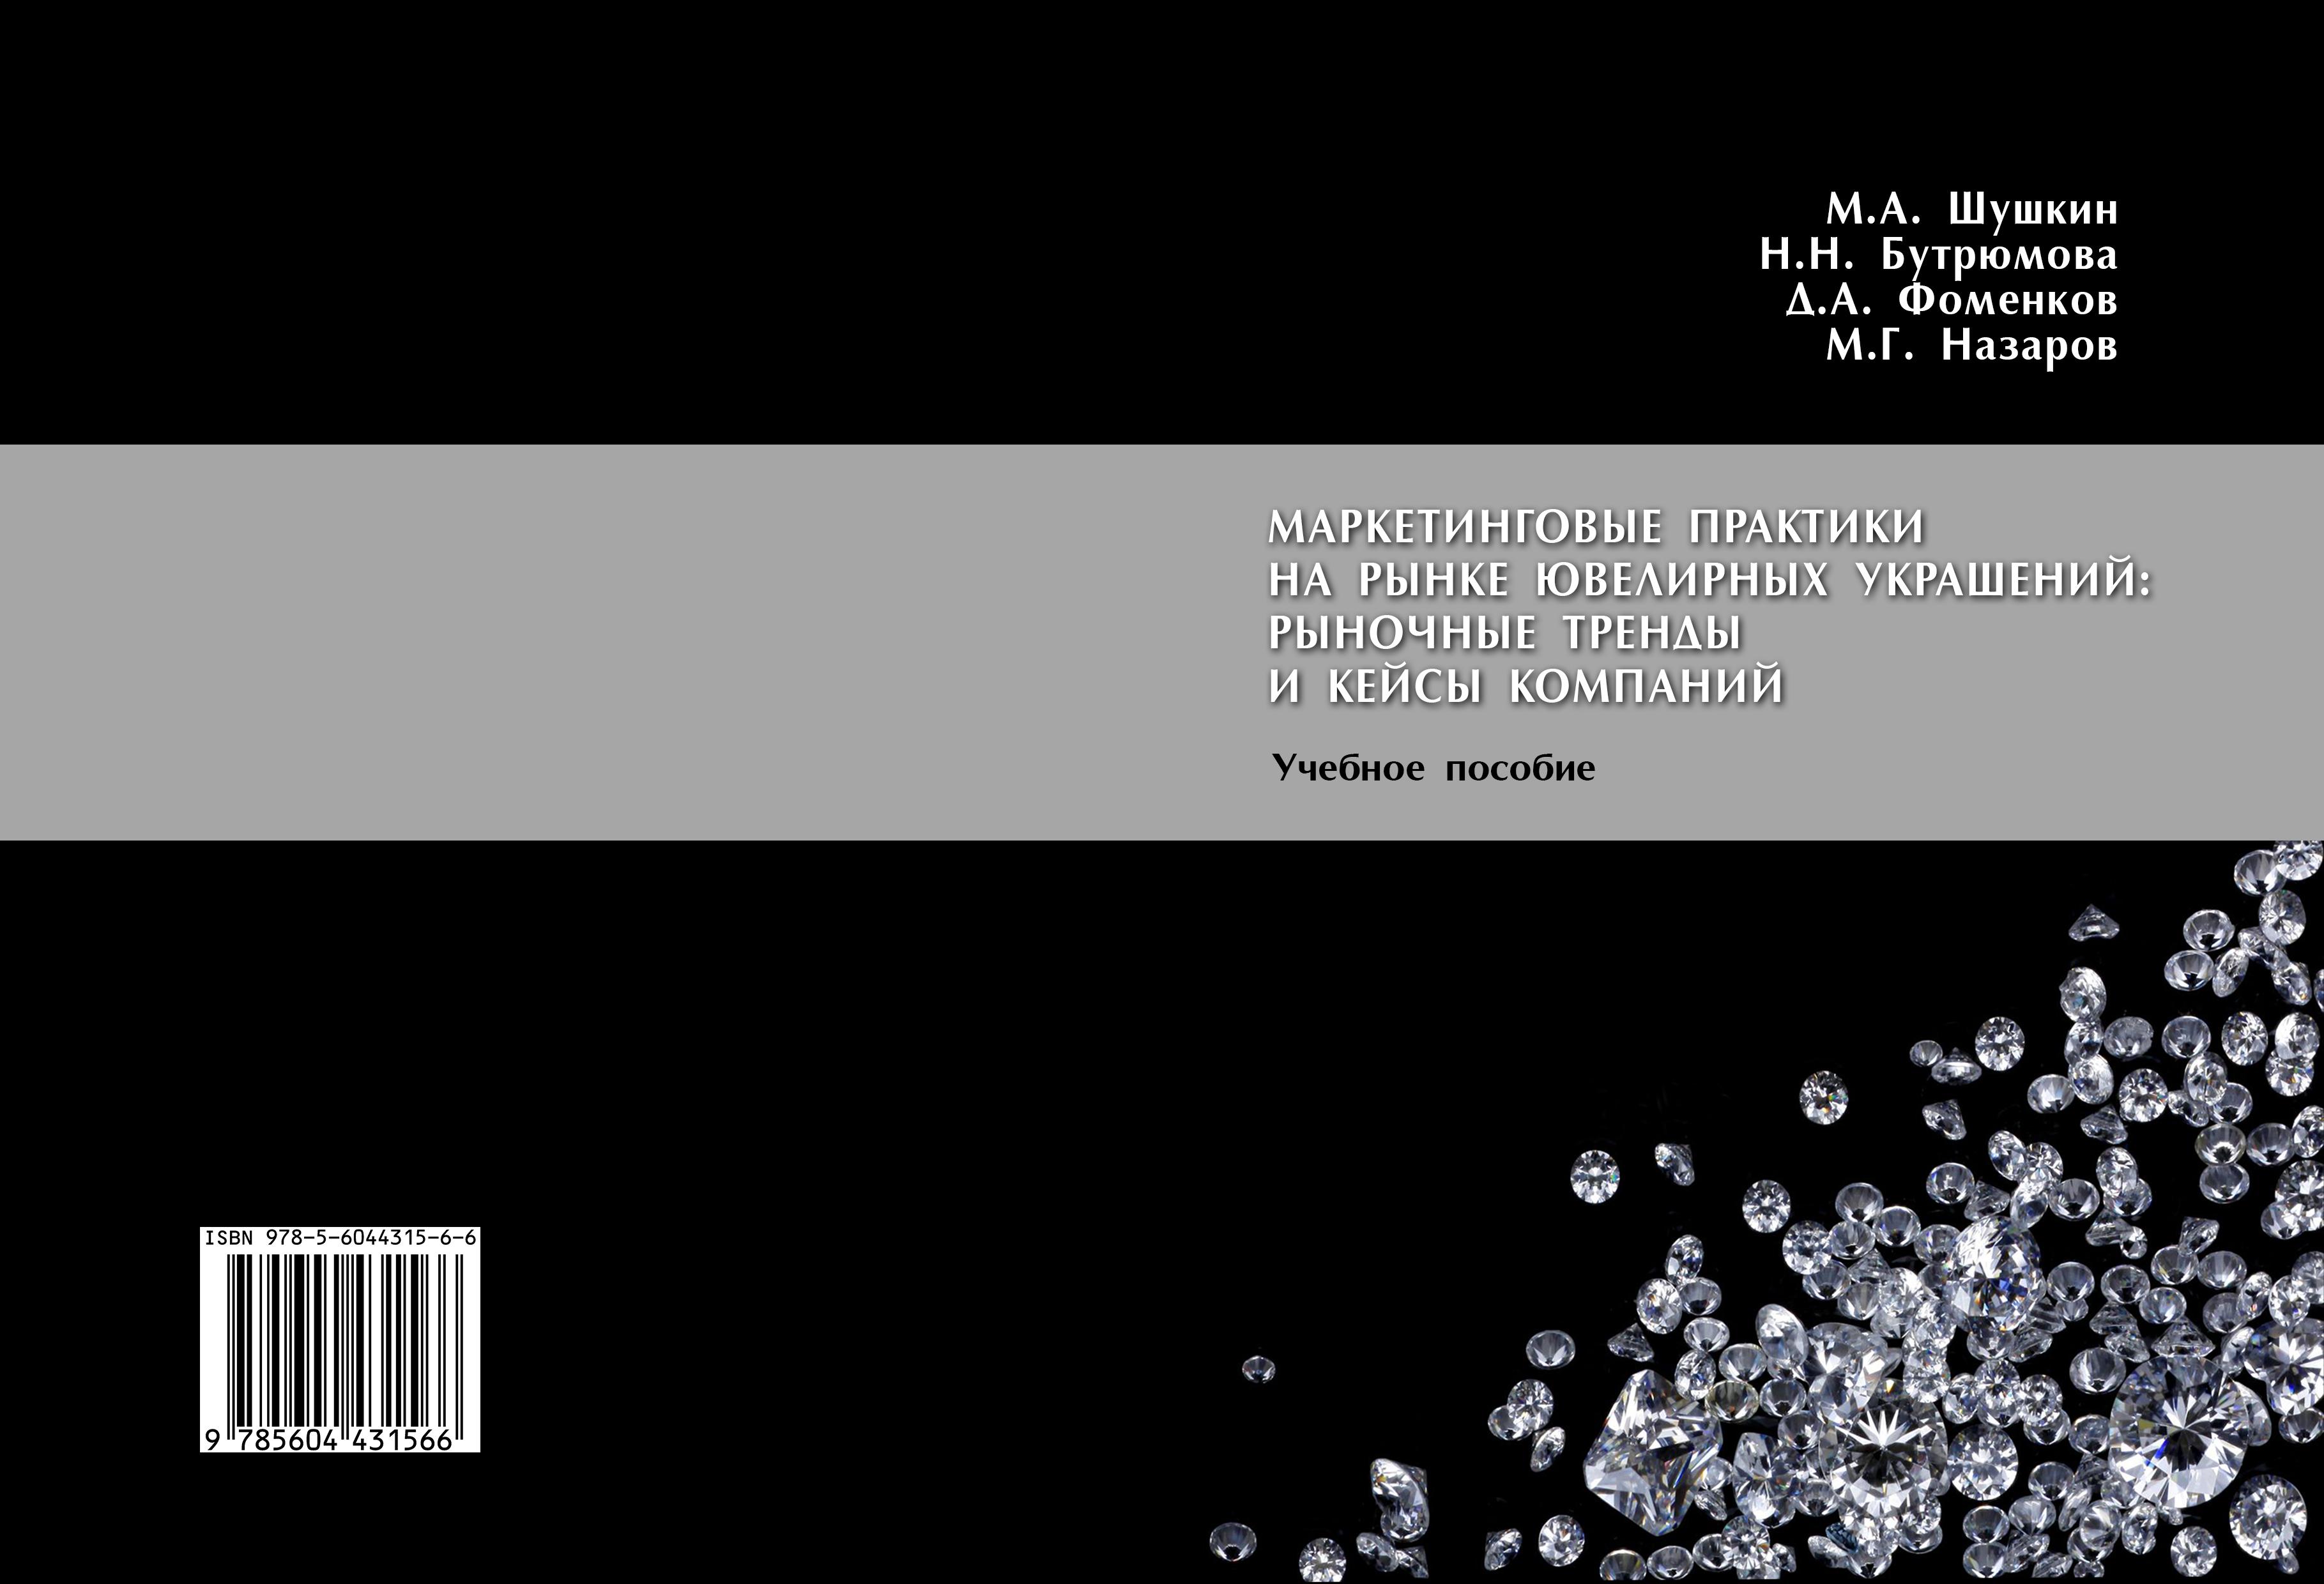 Маркетинговые практики на рынке ювелирных украшений: рыночные тренды и кейсы компаний. Учебное пособие